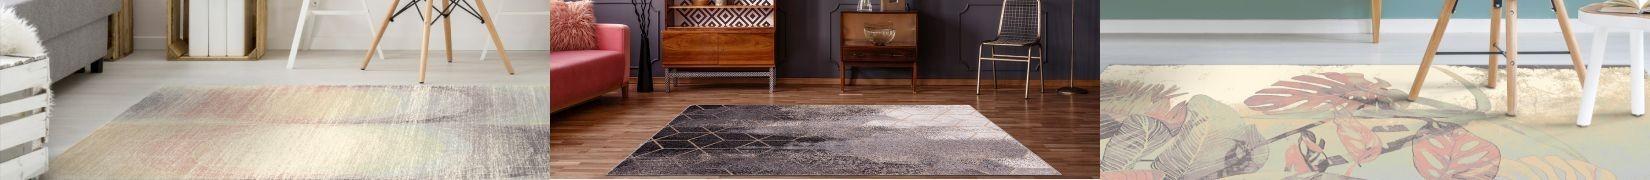 Polskie dywany wełniane do salonu z Agnella i Dywilan. TOP jakość.